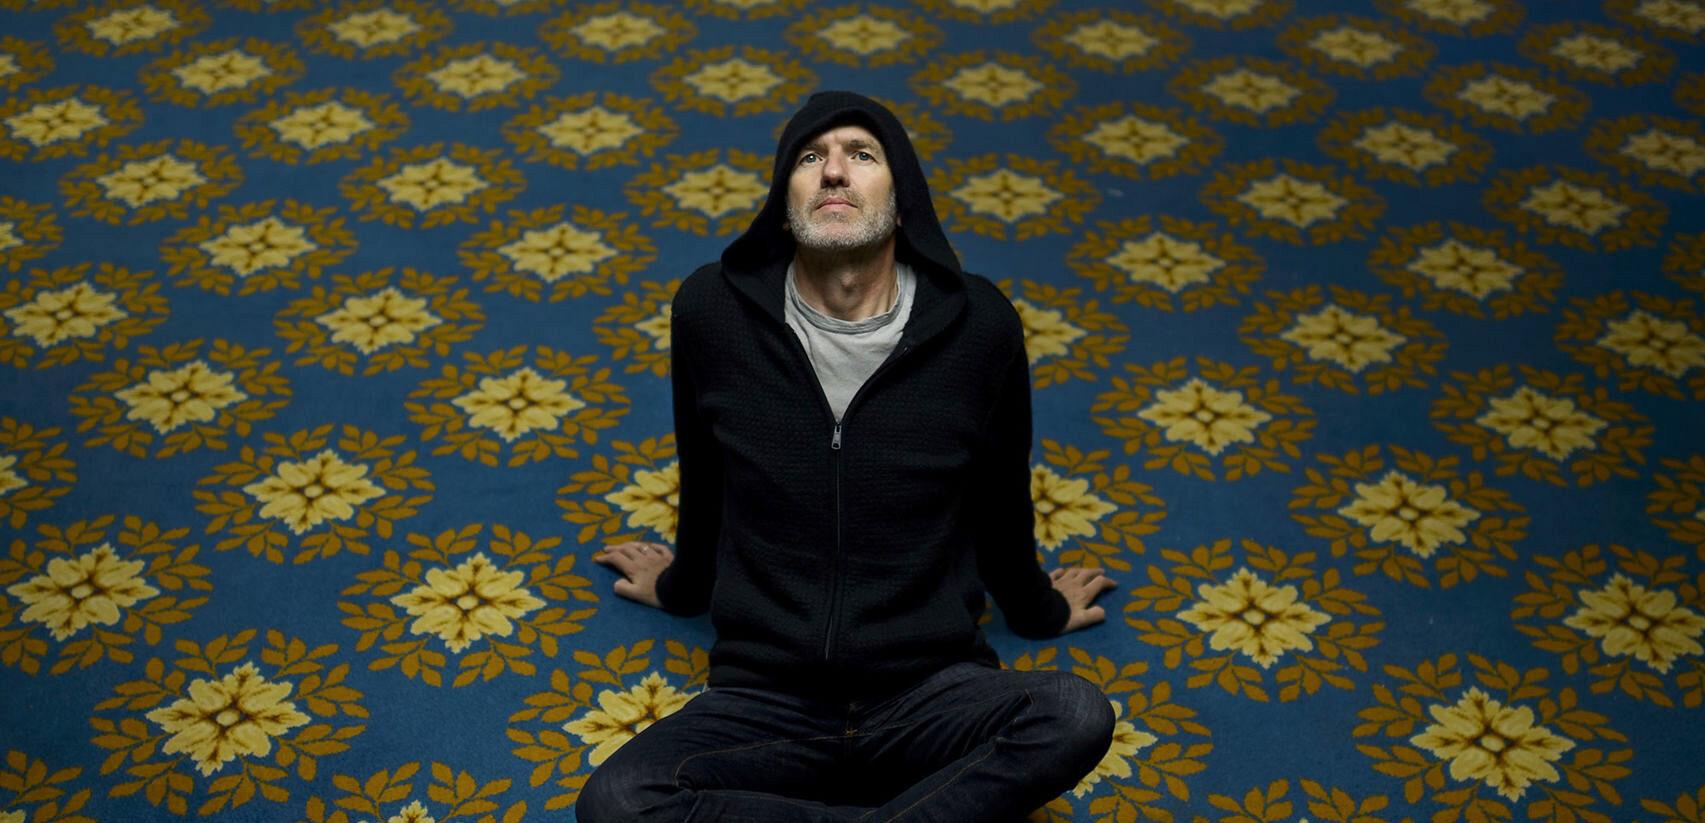 Anton Corbijn, del sonido a la imagen | Divergente.info